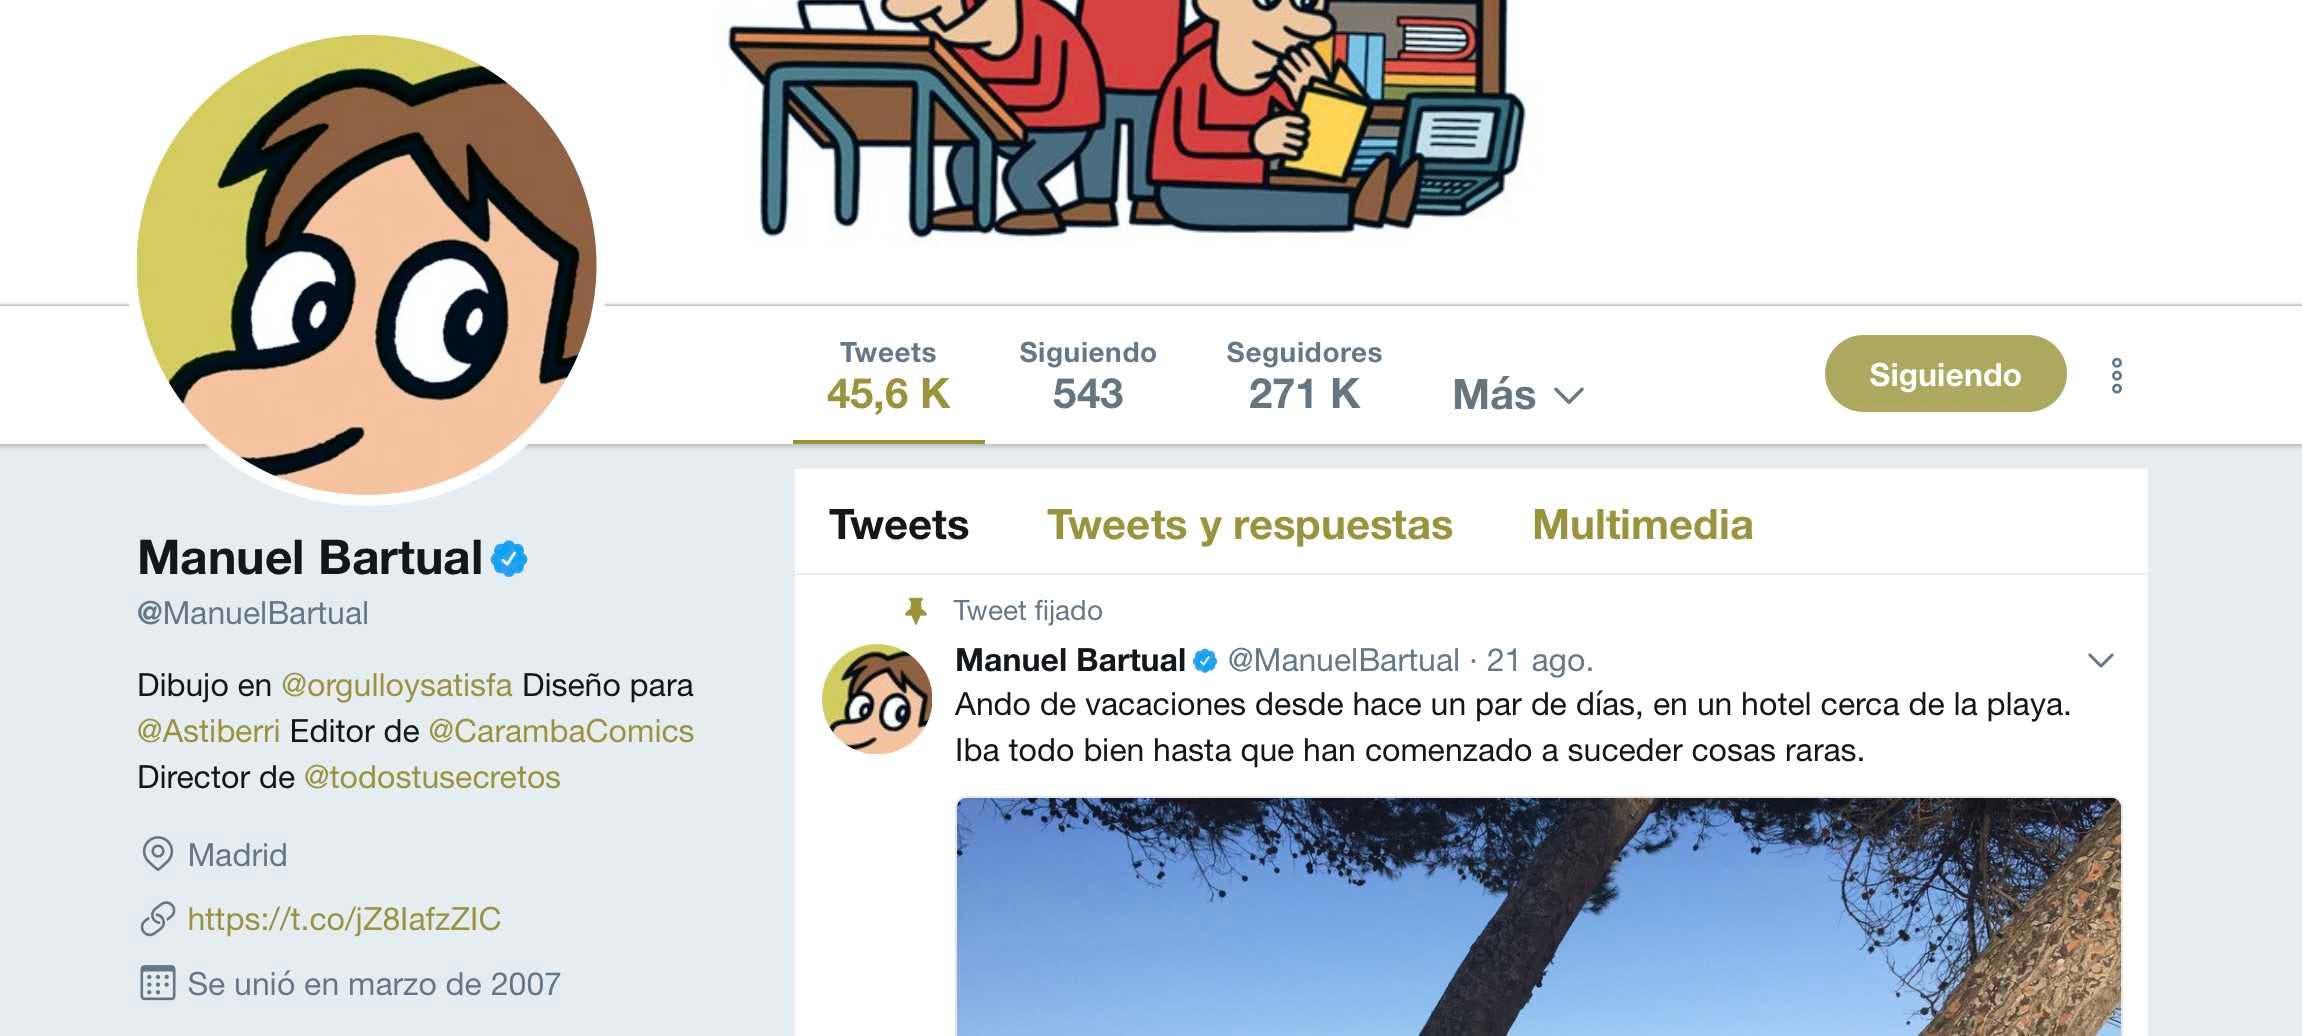 manuel bartual en twitter